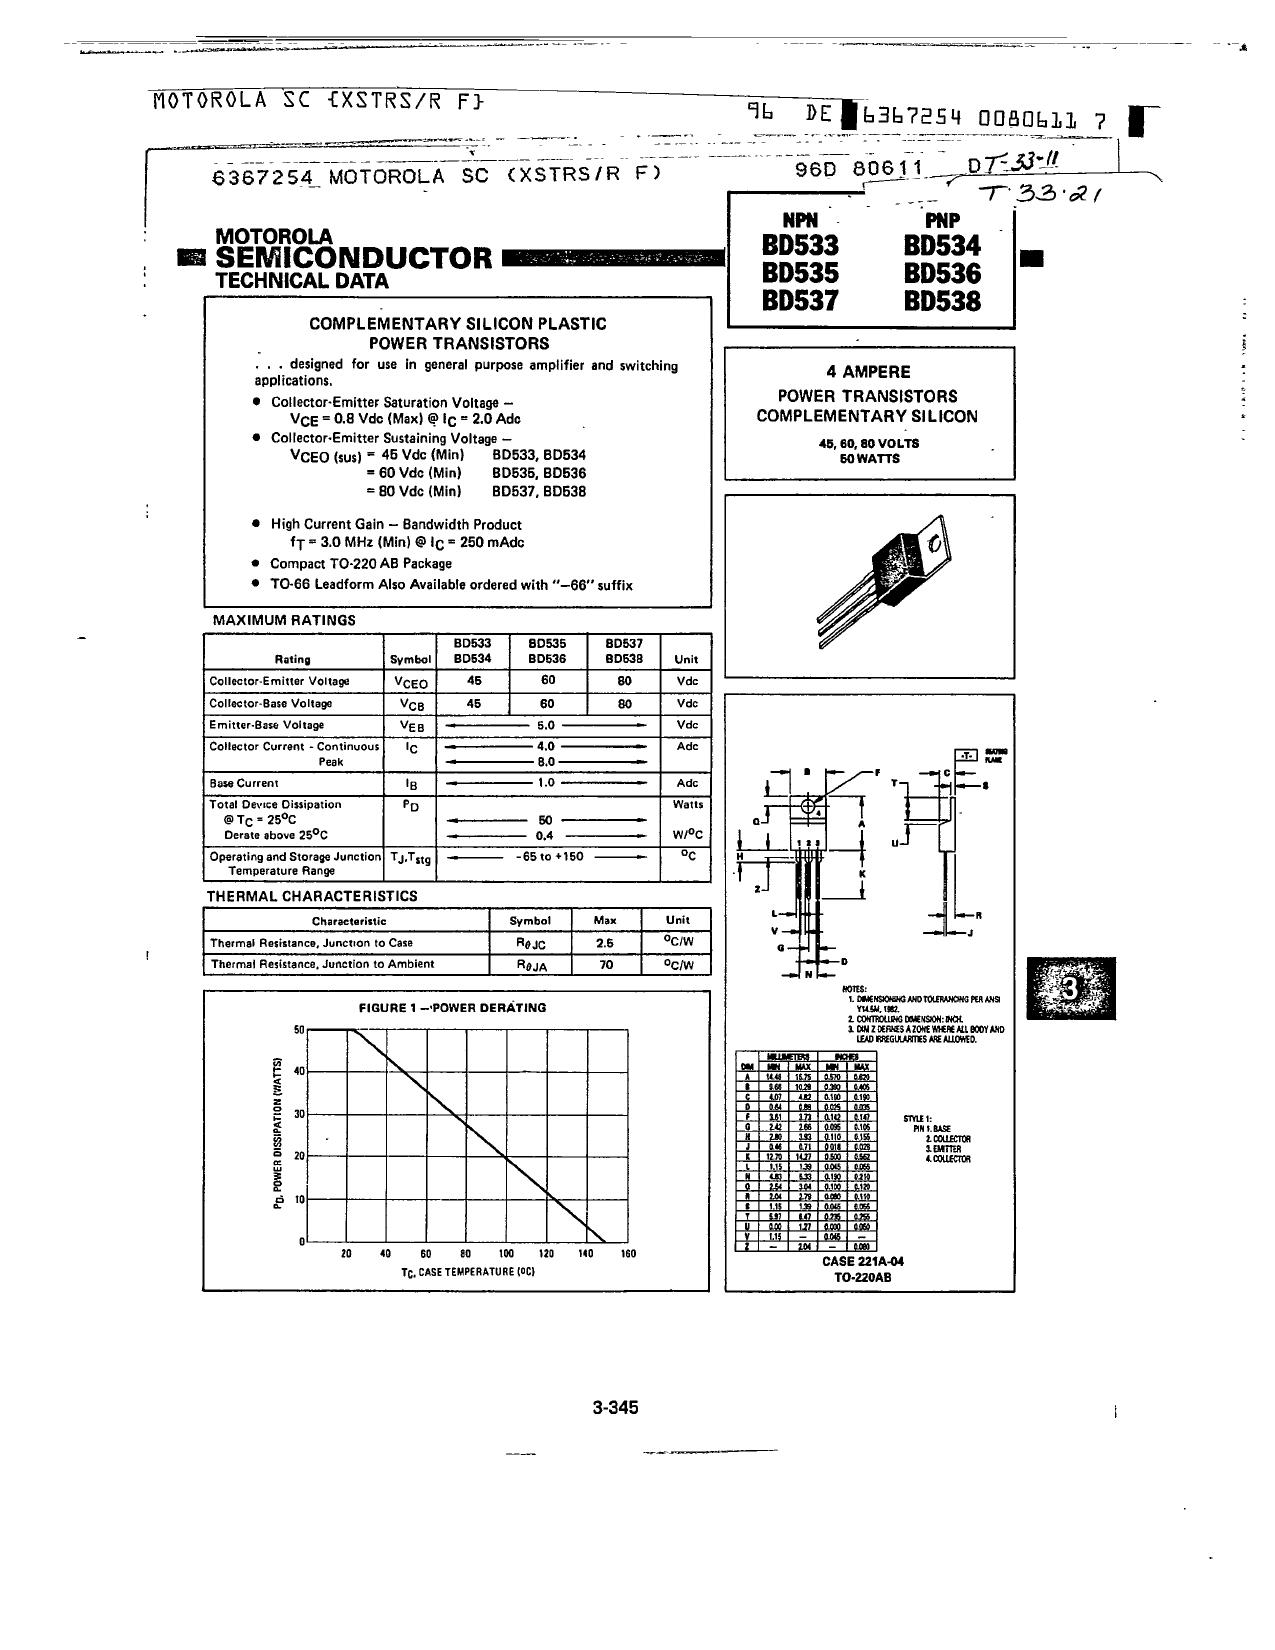 bd535 datasheet pdf   pinout